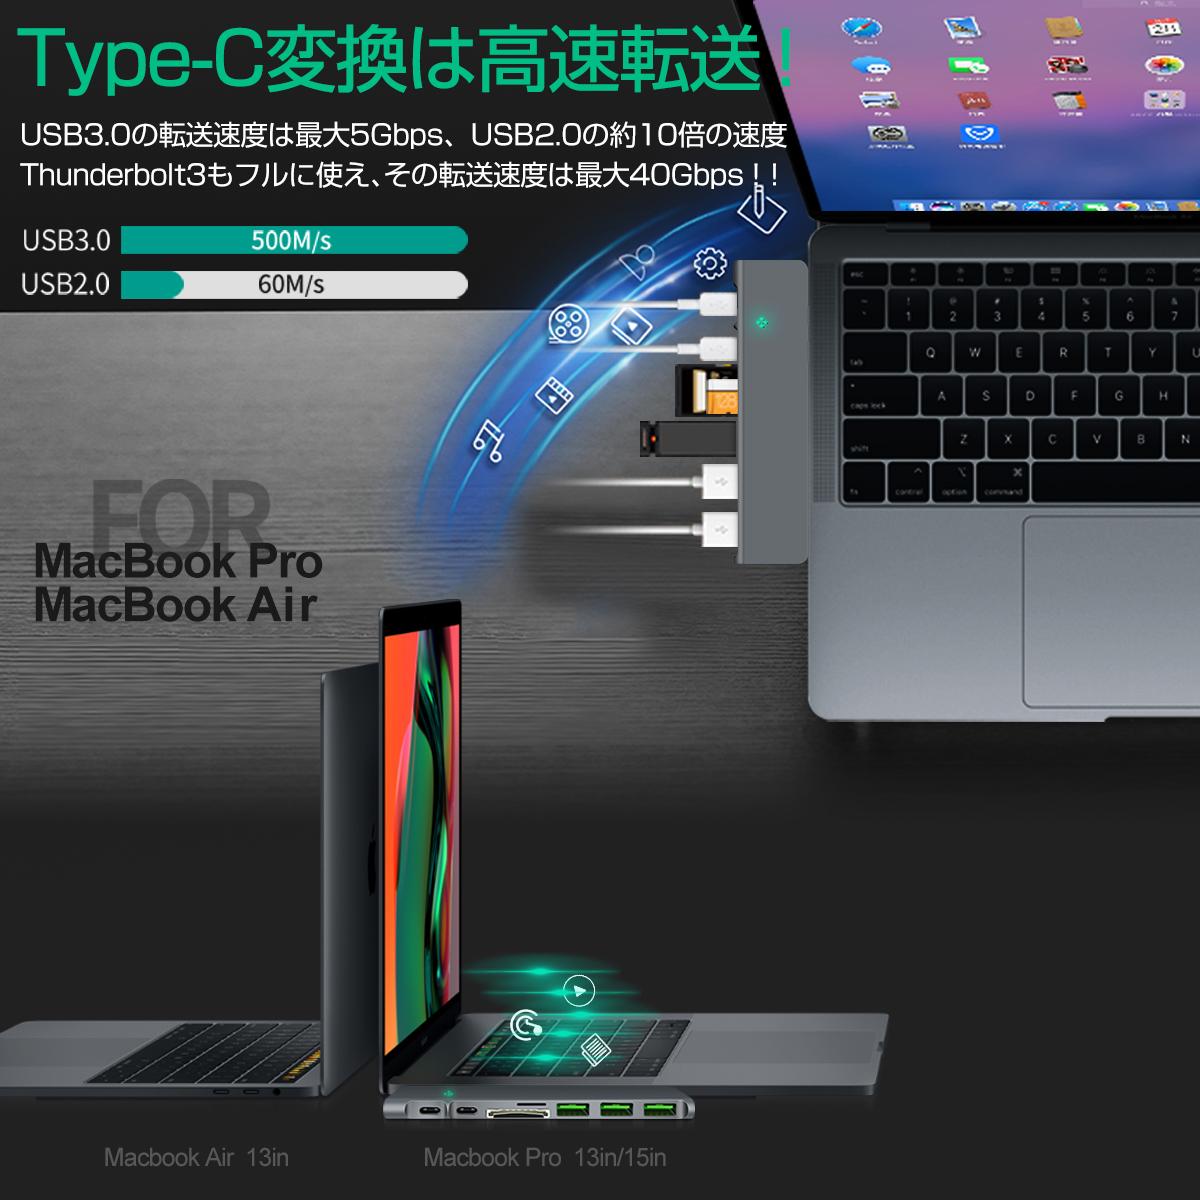 Type C USBハブ 8in1 MacBook Pro 13 15インチ MacBook Air 2019対応